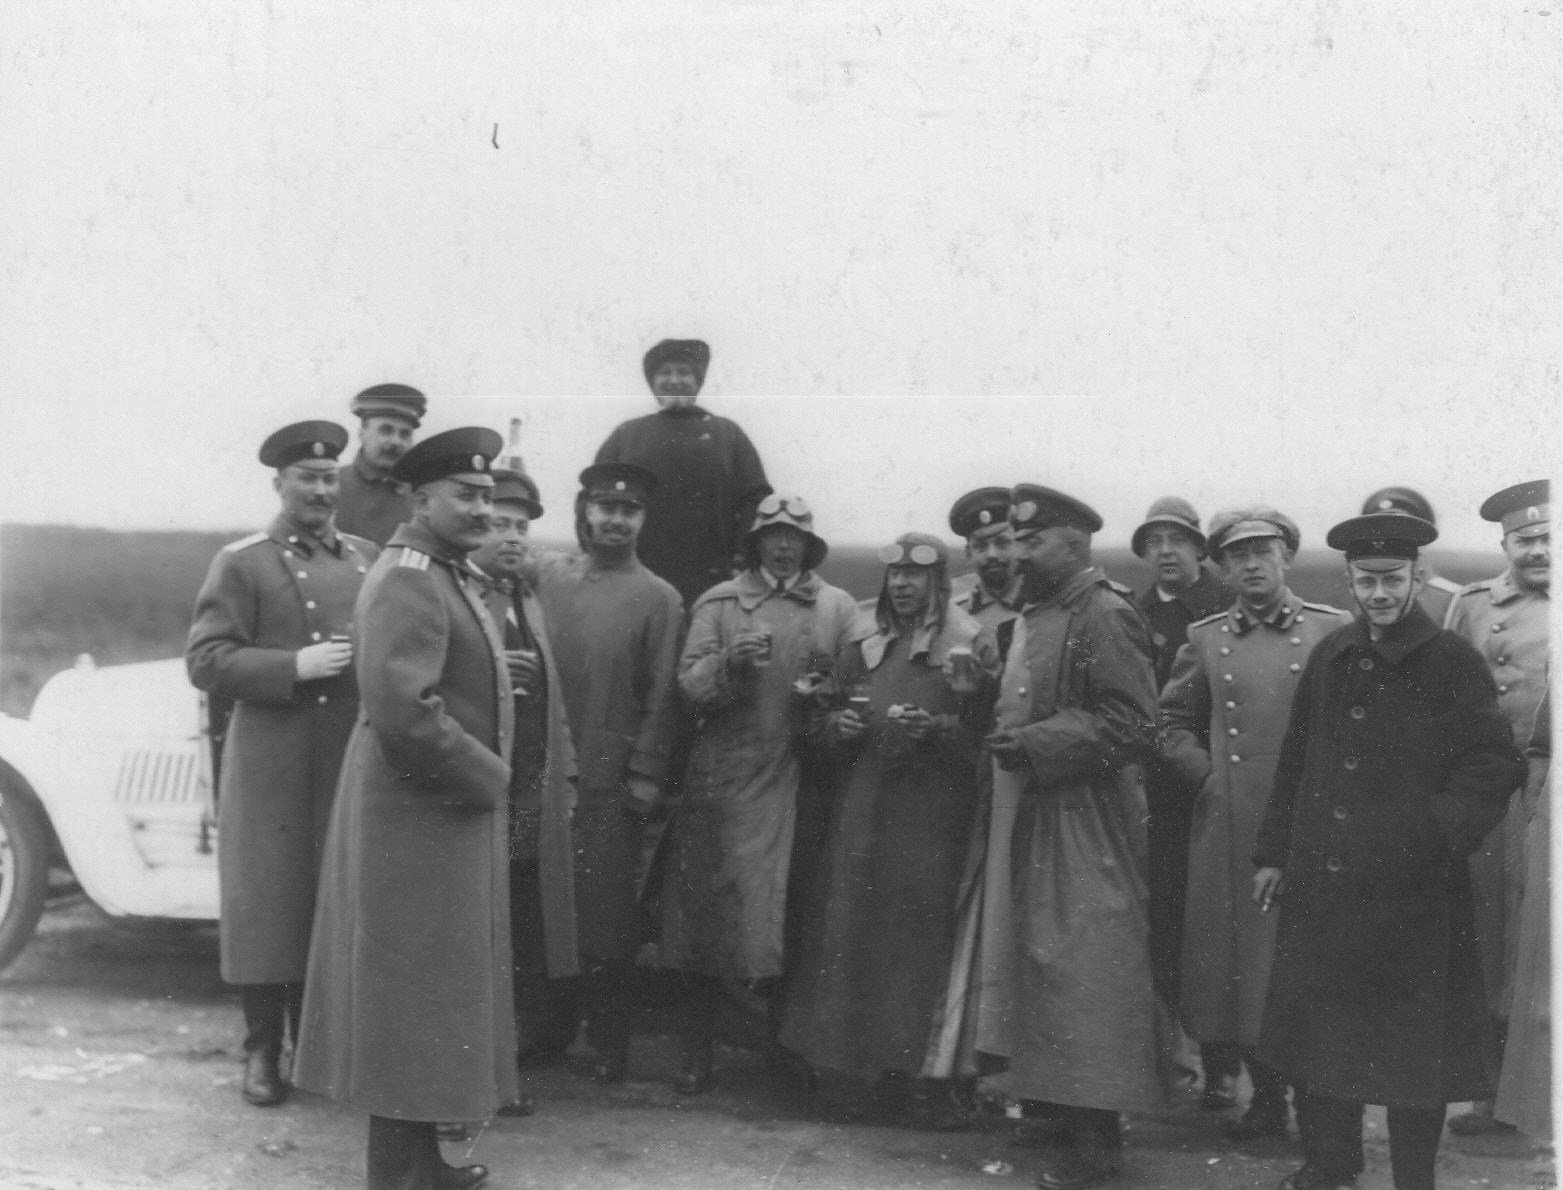 07. Группа участников пробега с провожающими на Исаакиевской площади перед стартом